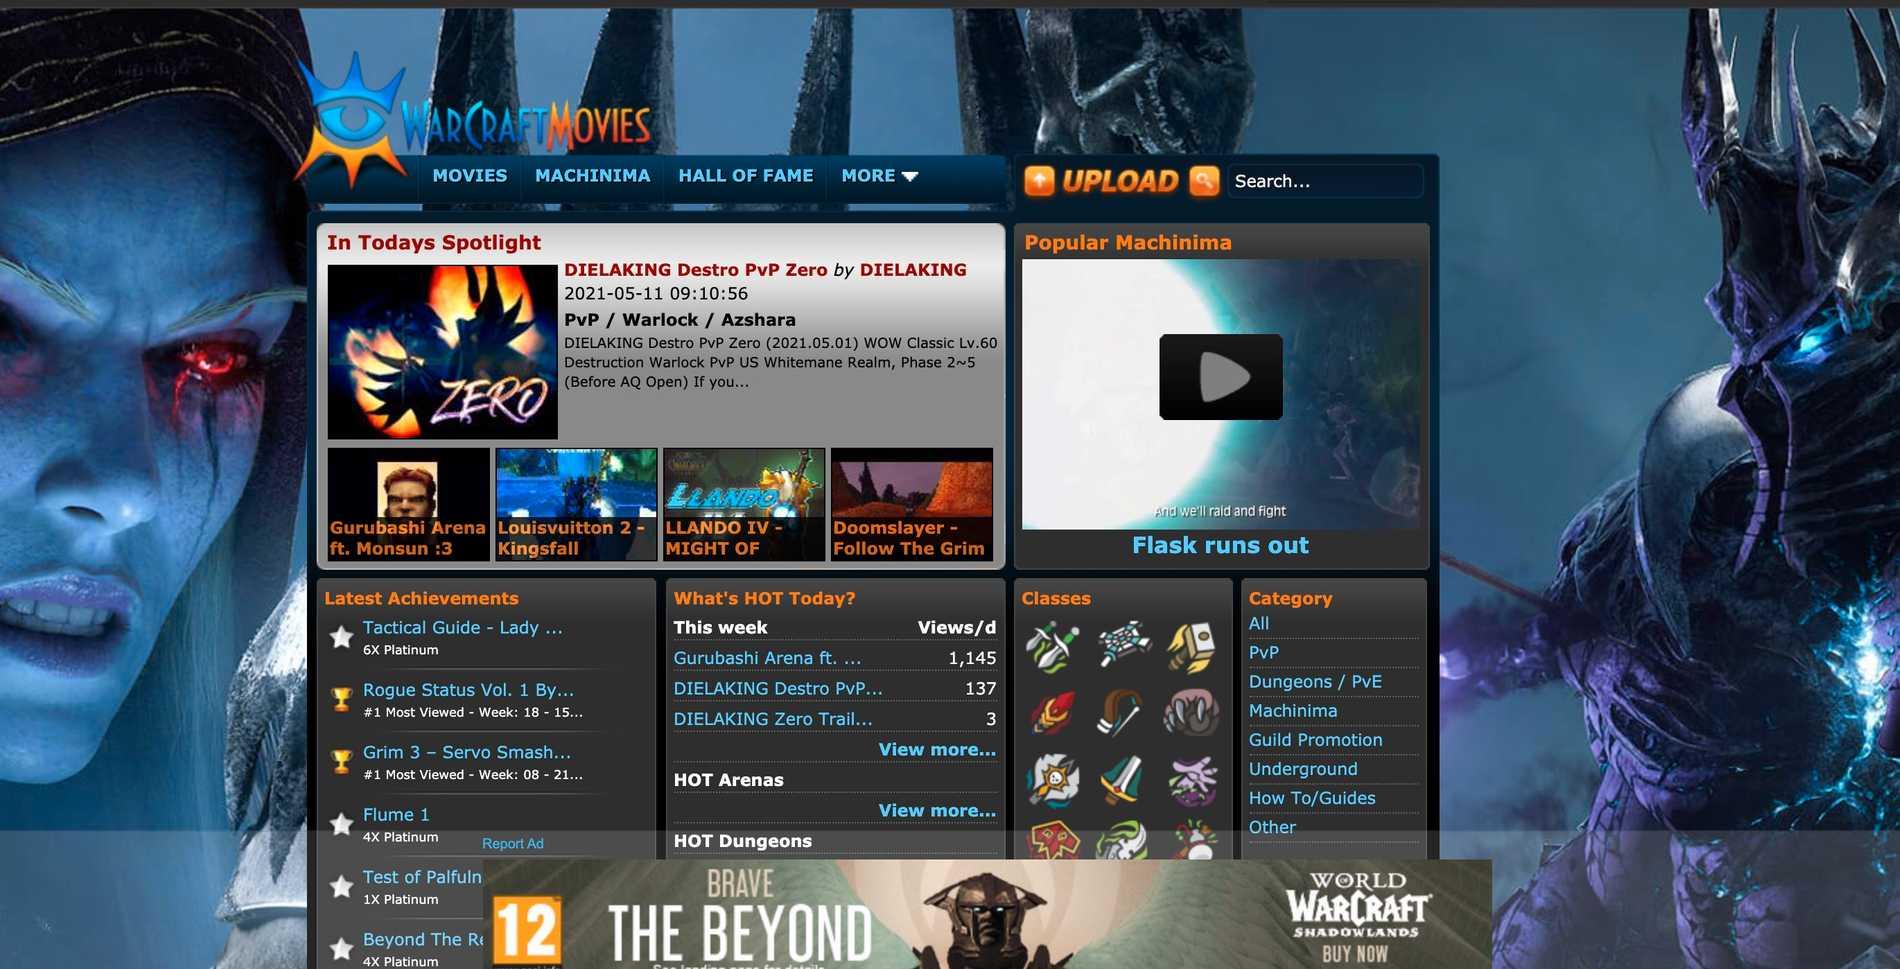 """På sajten """"Warcraftmovies"""" kan användare lägga upp filmer från sina World of Warcraft-spel."""